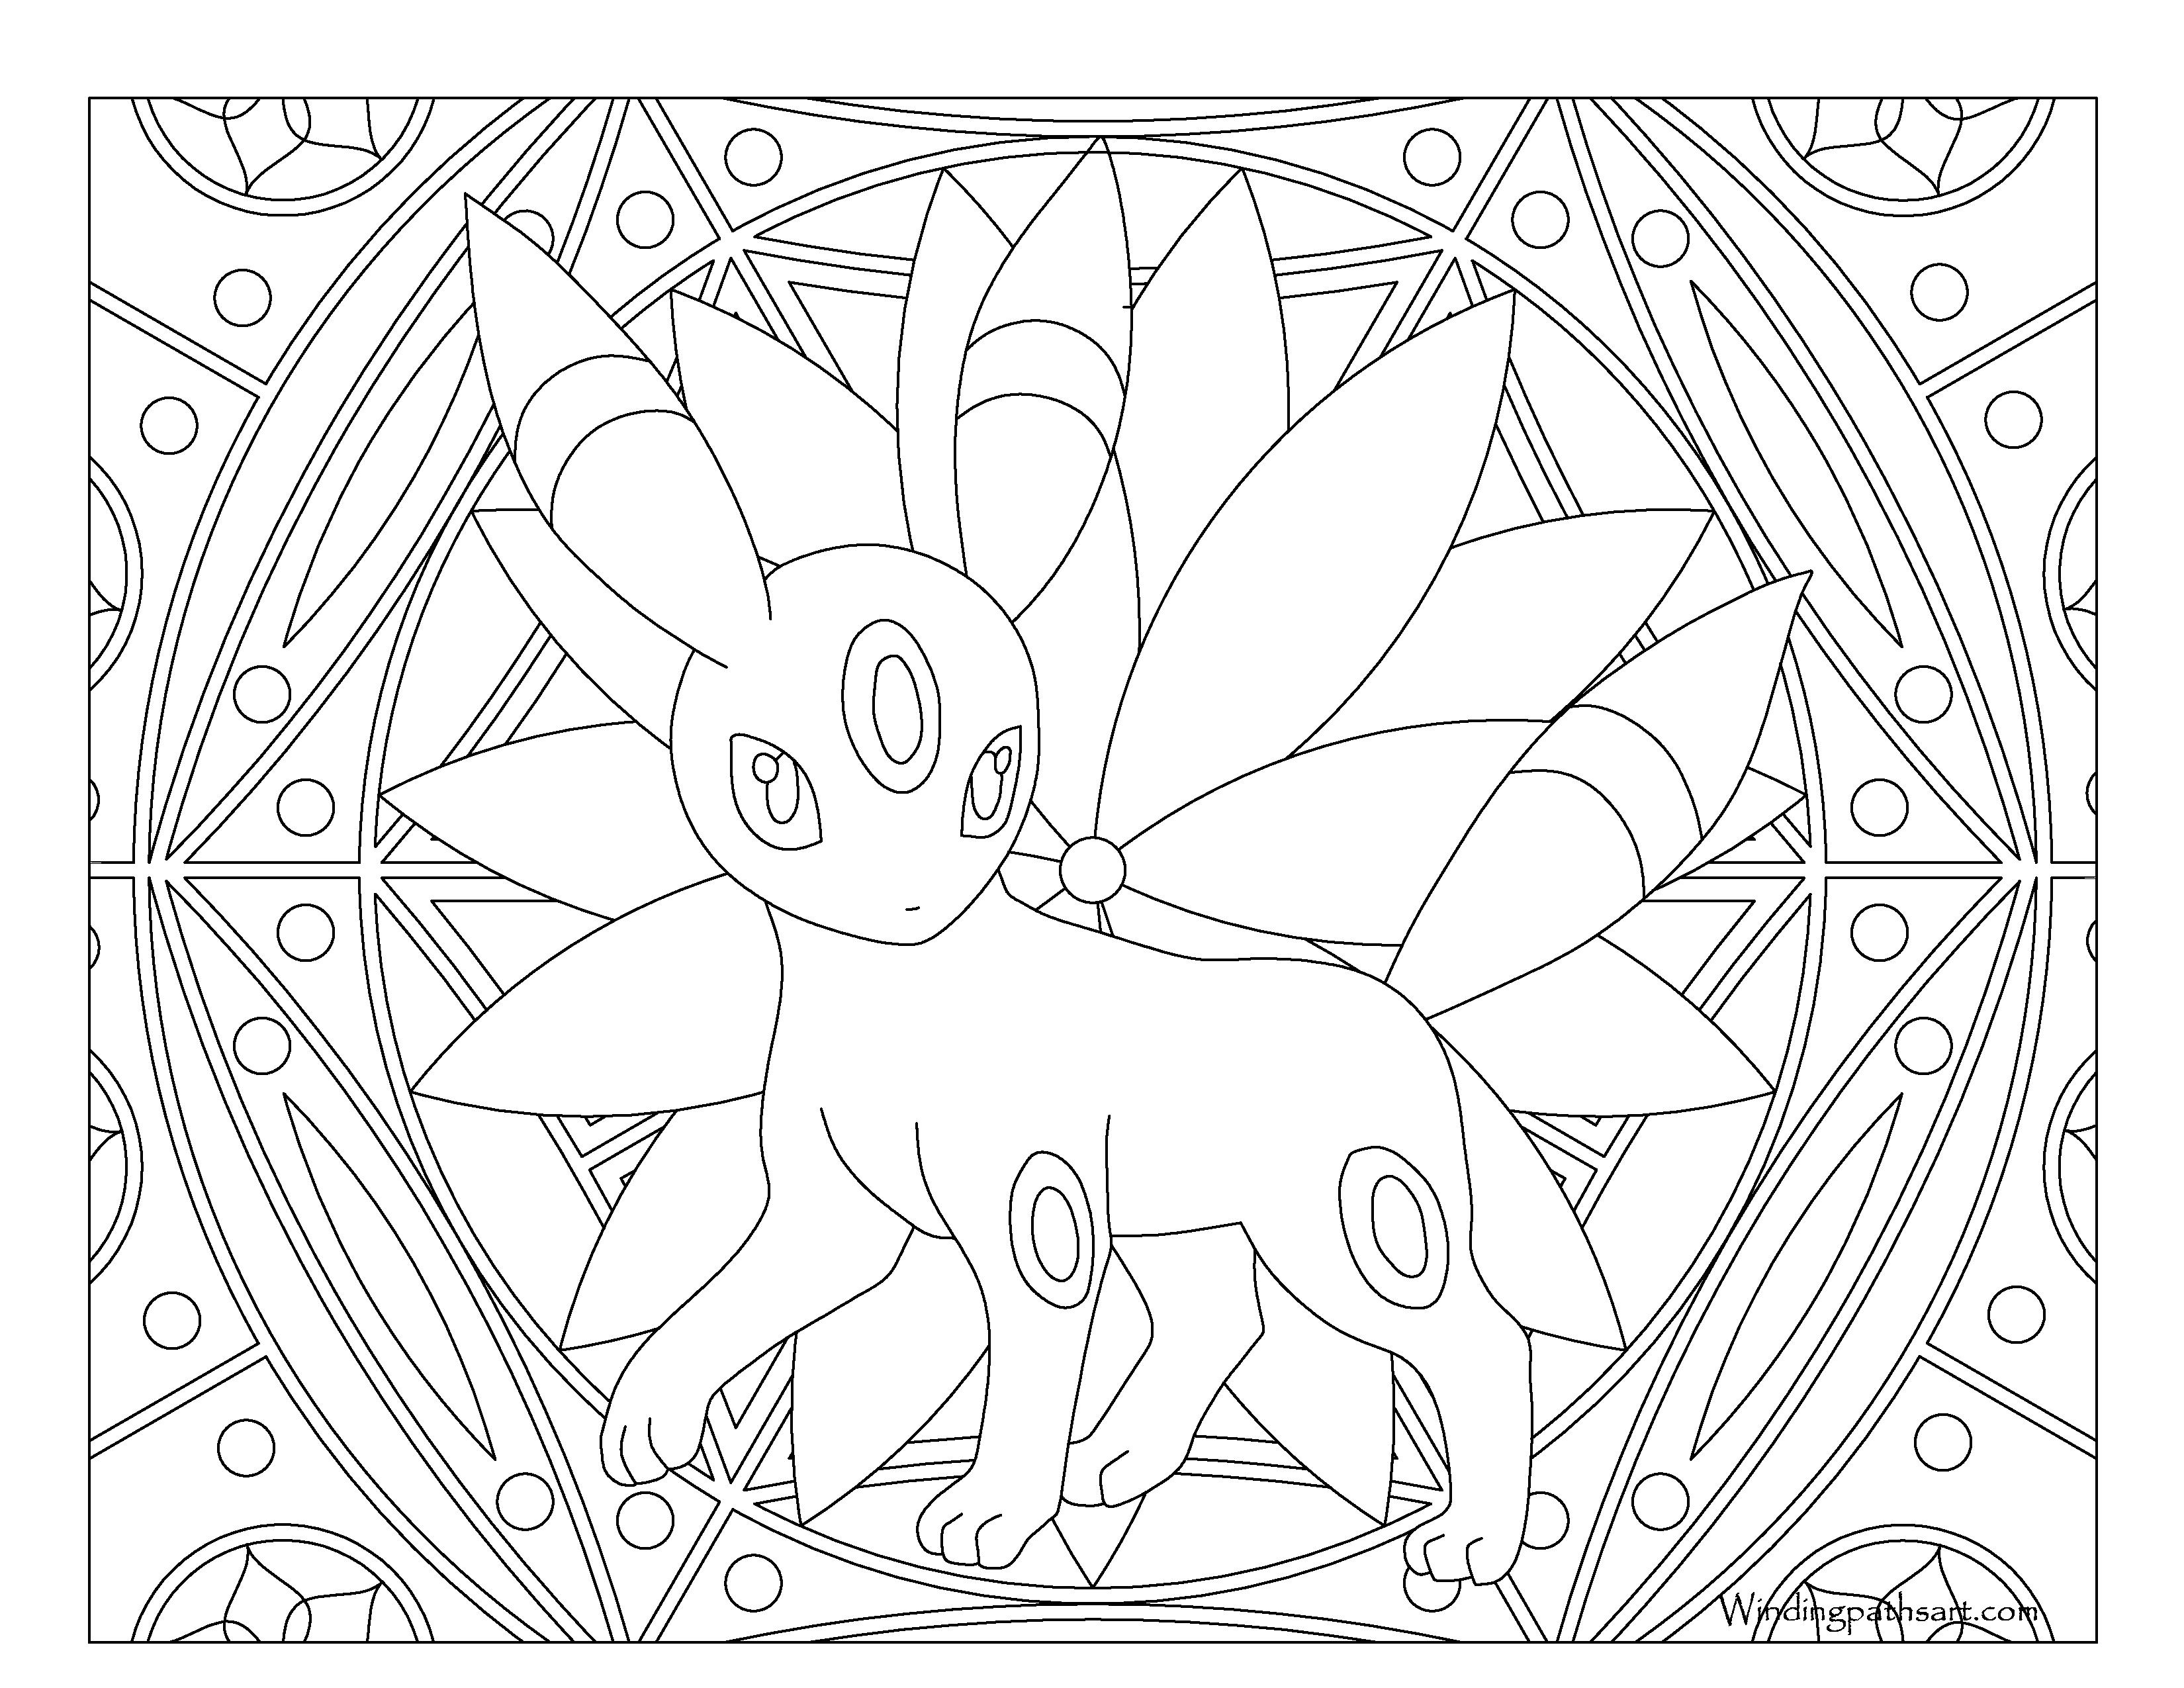 #197 Umbreon Pokemon Coloring Page · Windingpathsart.com